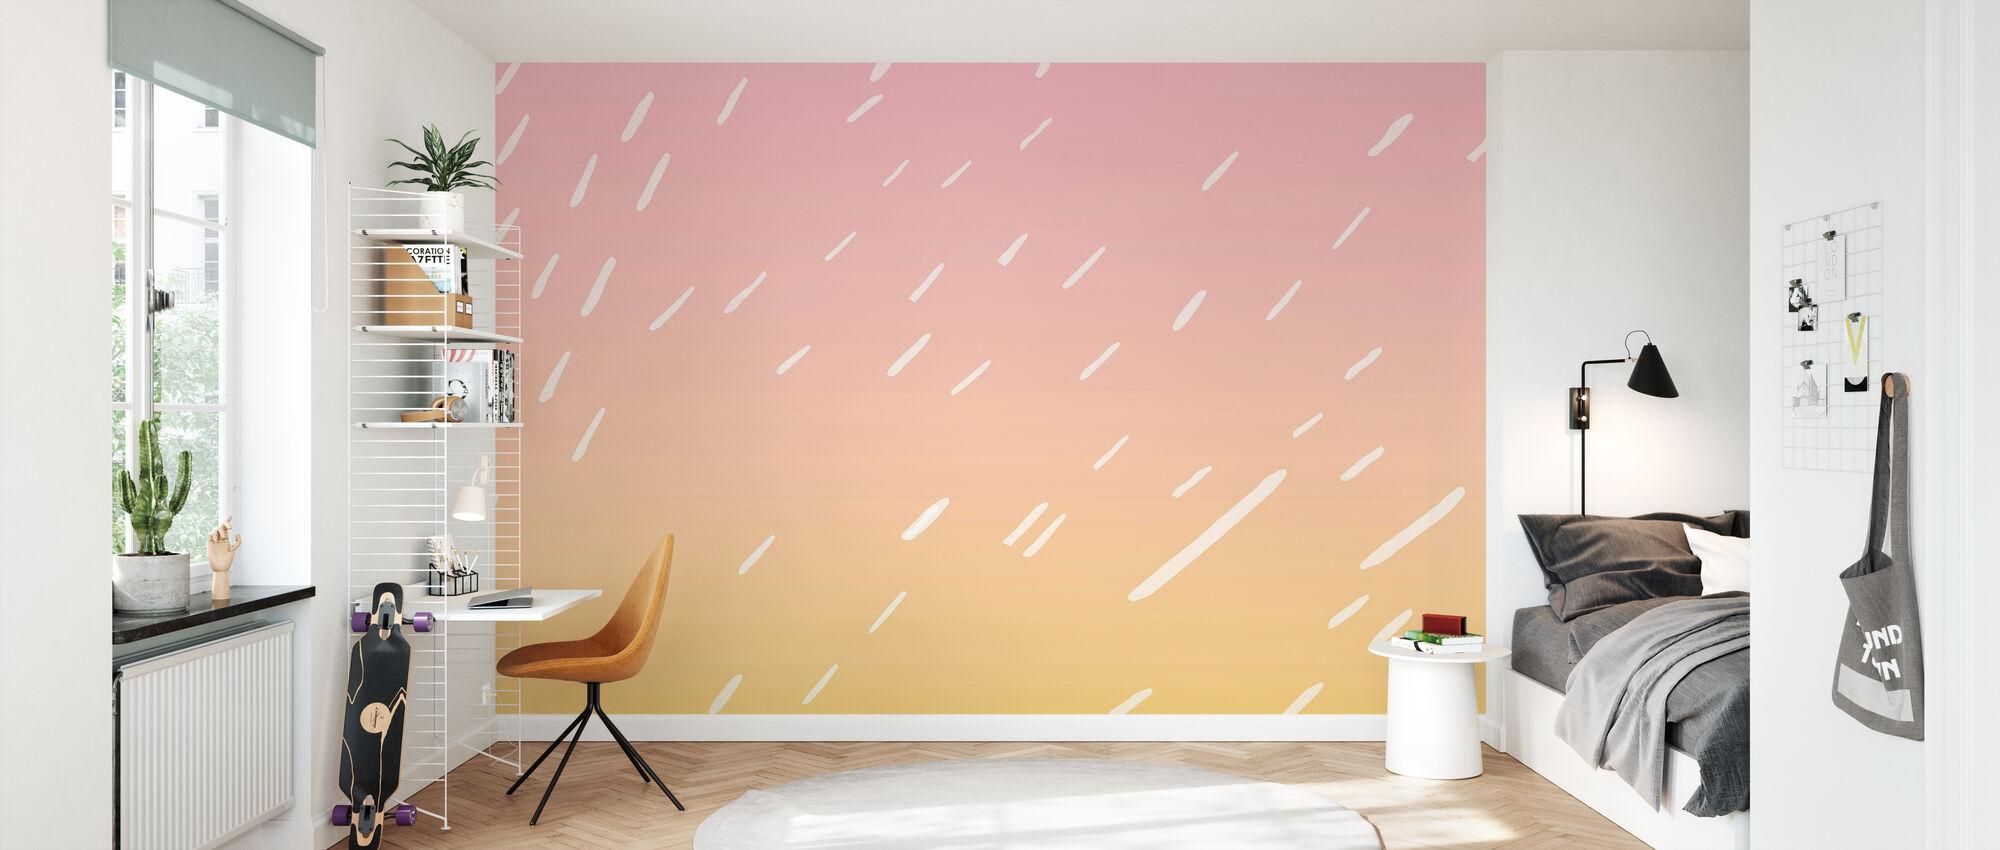 Kesän sade - Tapetti - Lastenhuone